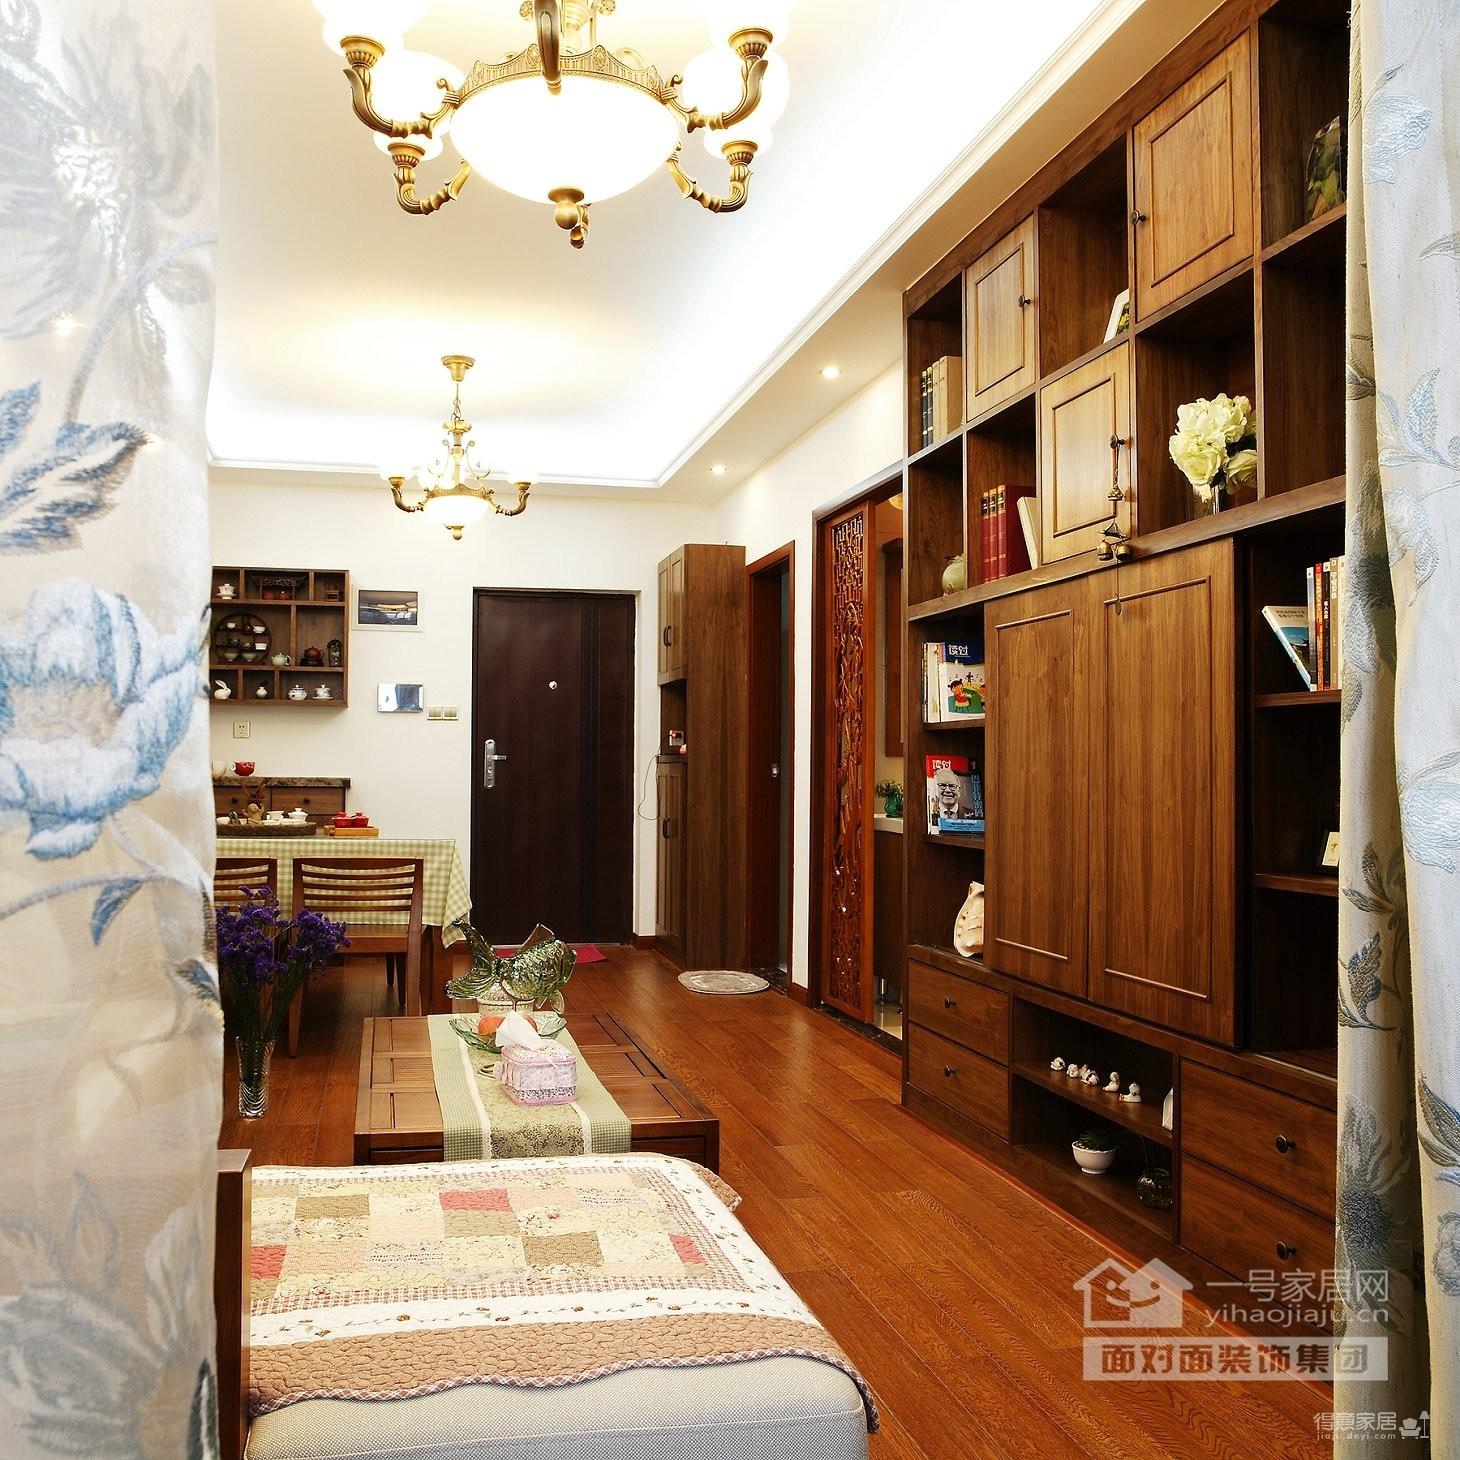 保利心语68平新中式客厅餐厅装修实拍图图_11